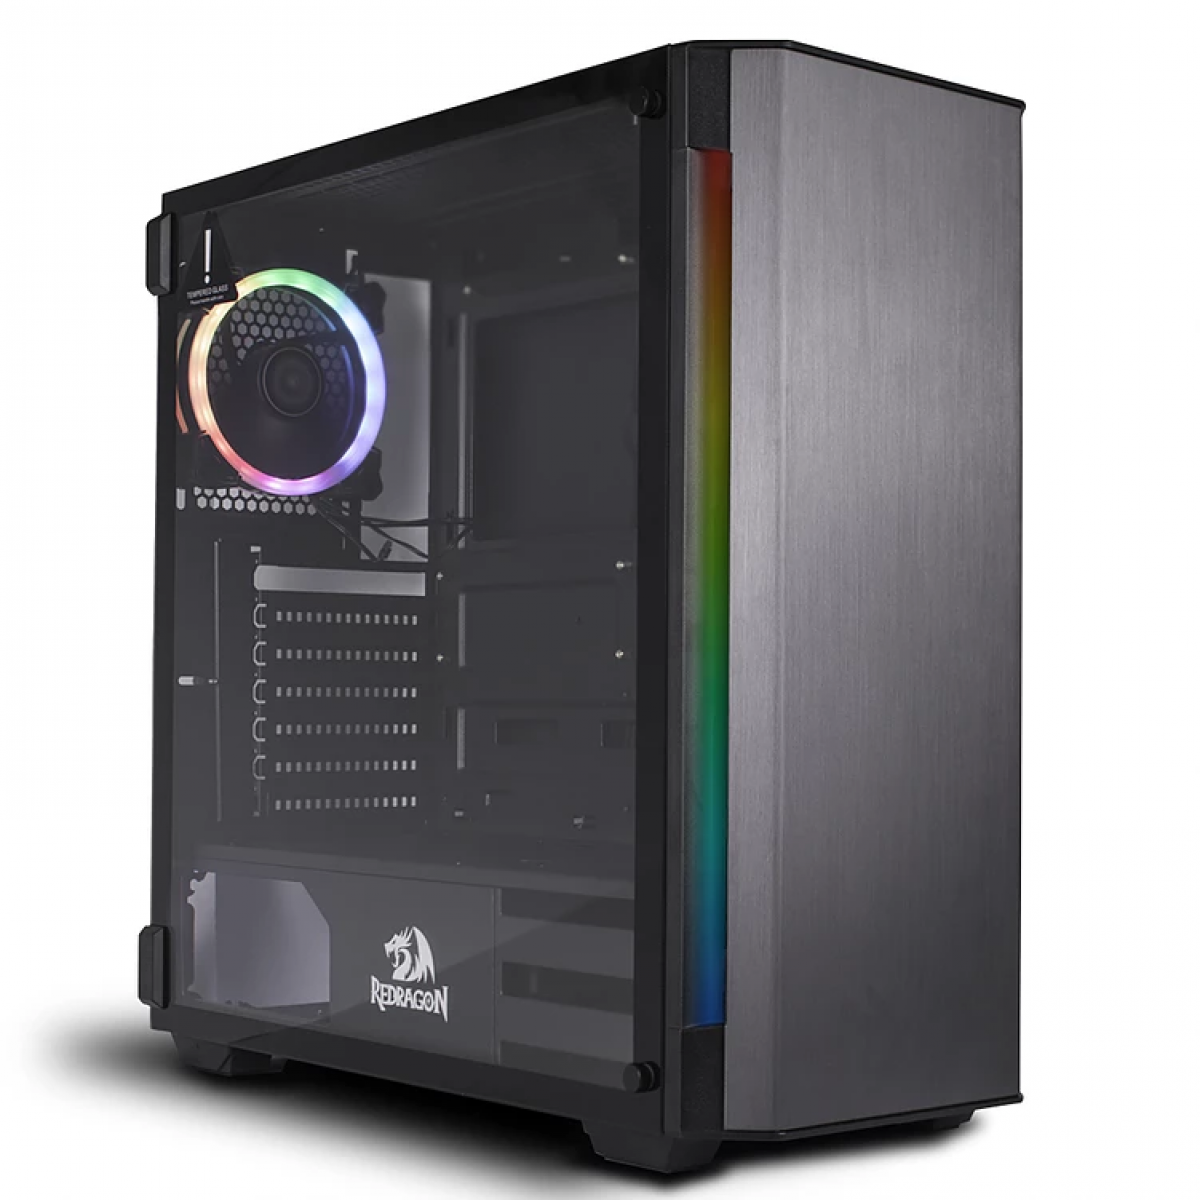 Pc Gamer Super T-General Lvl-4 AMD Ryzen 5 3600X / GeForce GTX 1660 Ti 6GB / DDR4 8GB / HD 1TB / 500W / RZ3